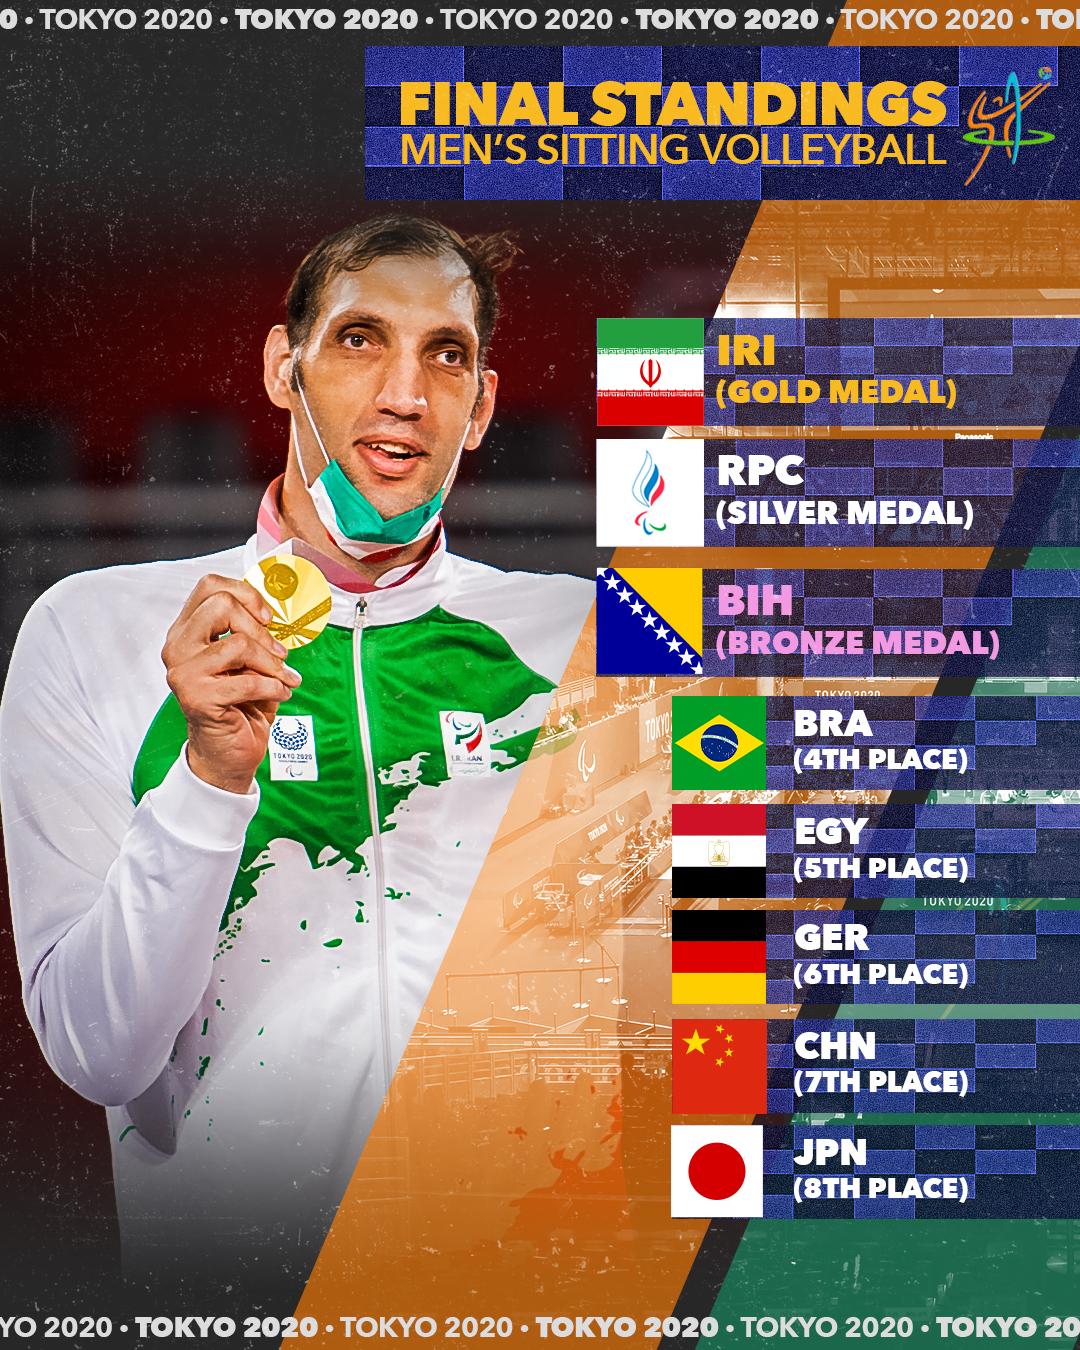 Men's Final Standing